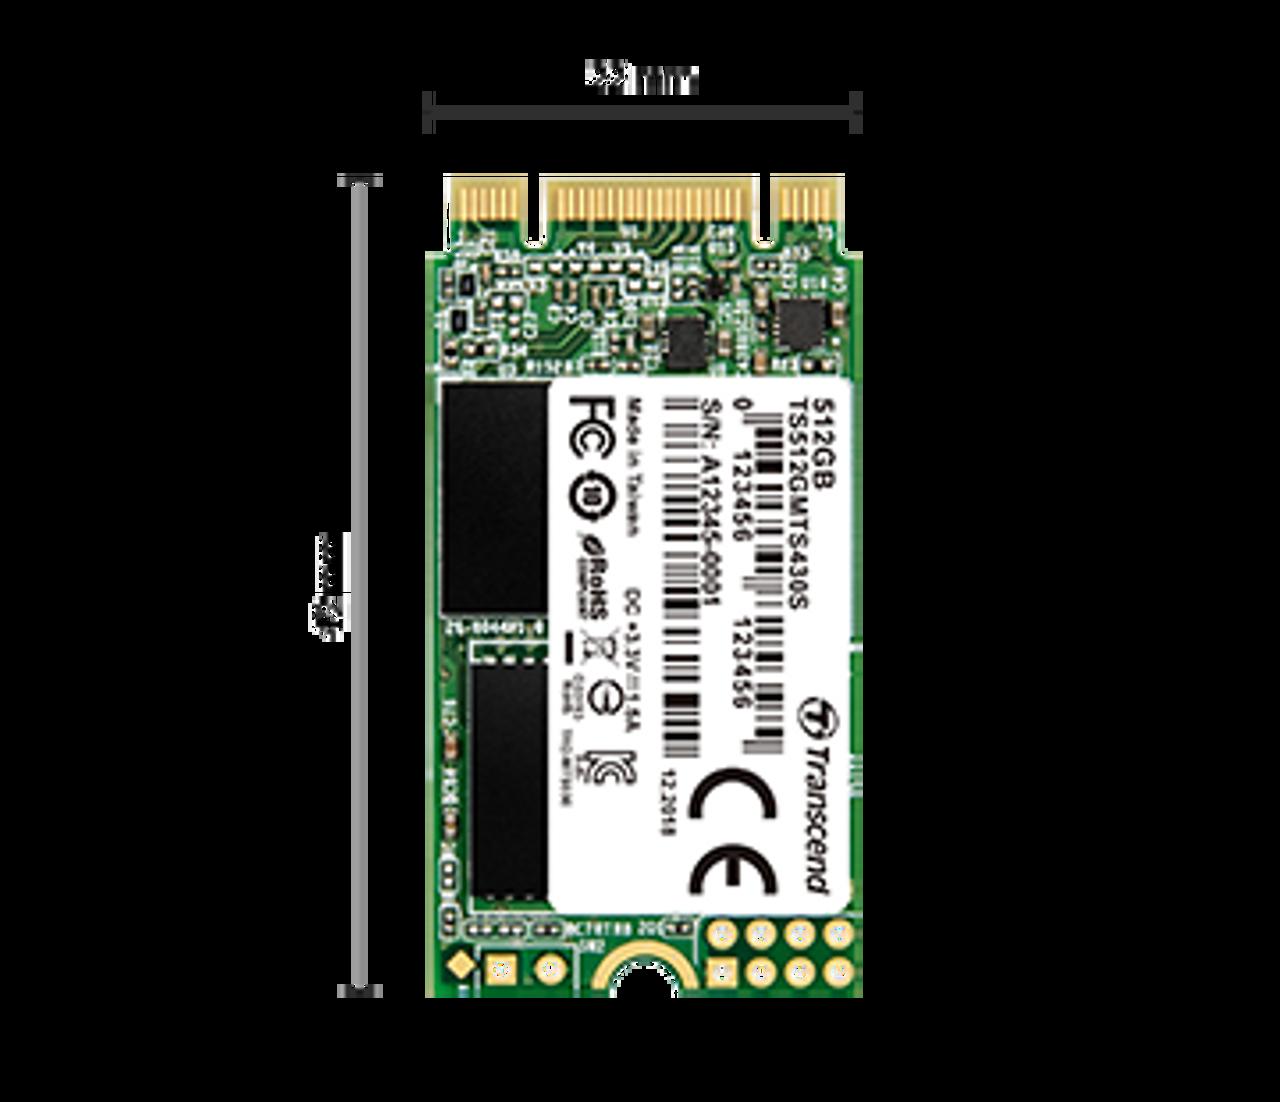 Transcend 128GB M.2 SATA III 430S series SSD (2242)